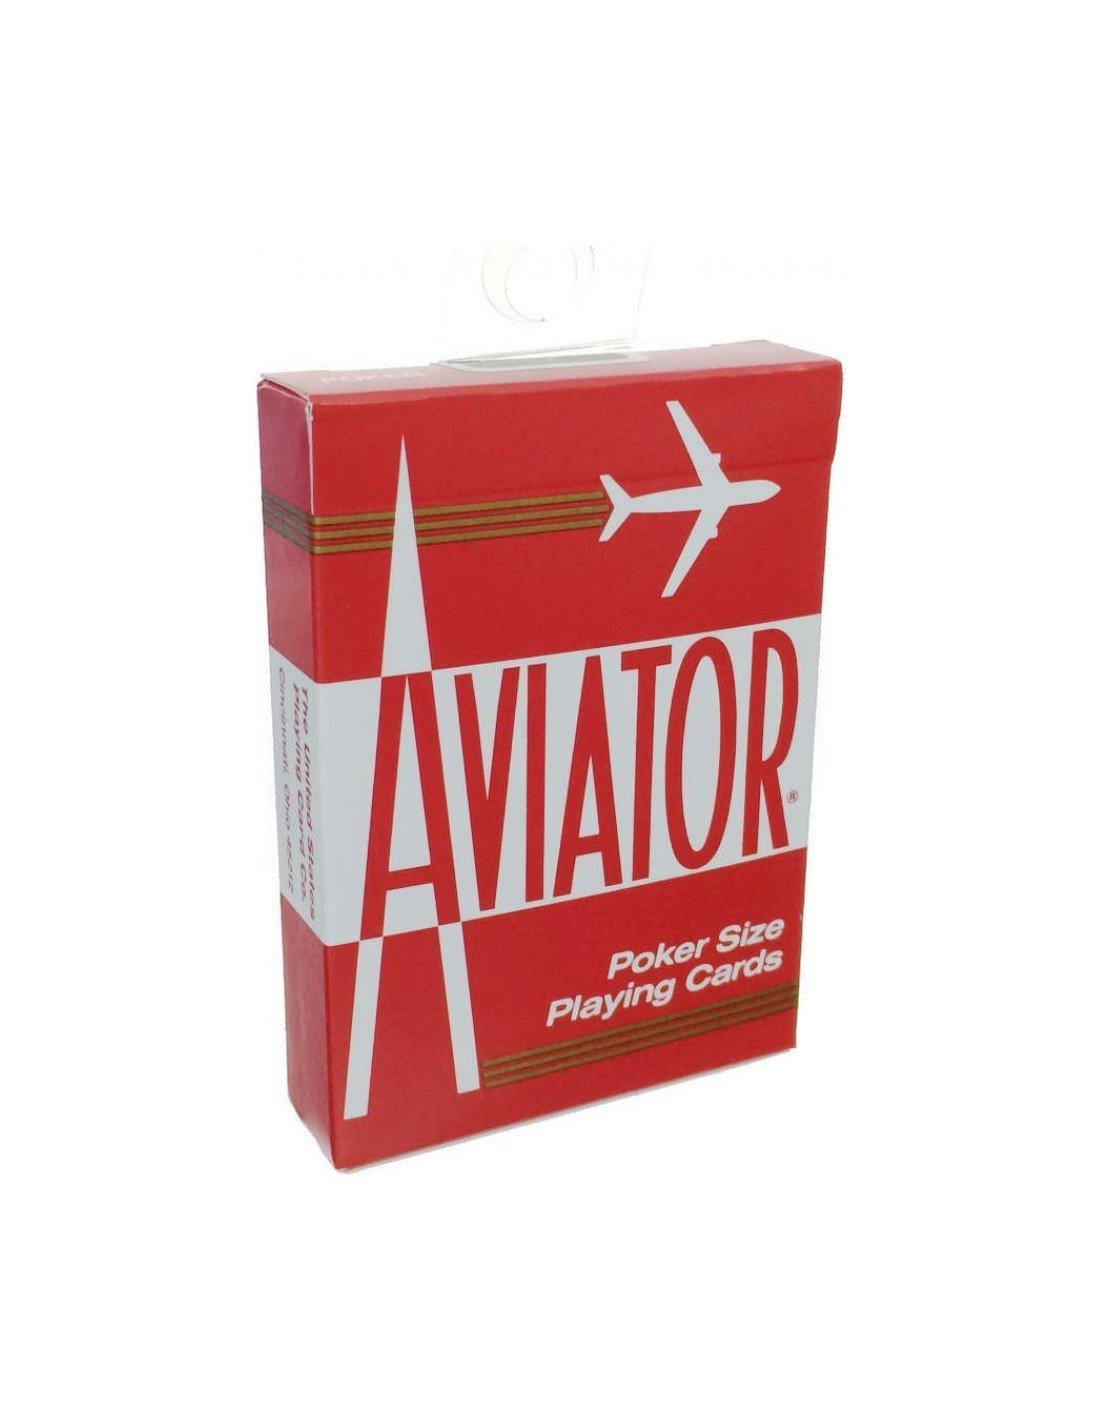 Cards Aviator Poker size (Red) Kartendeck Spielkarten Online Shop Playing Cards - Deutschland